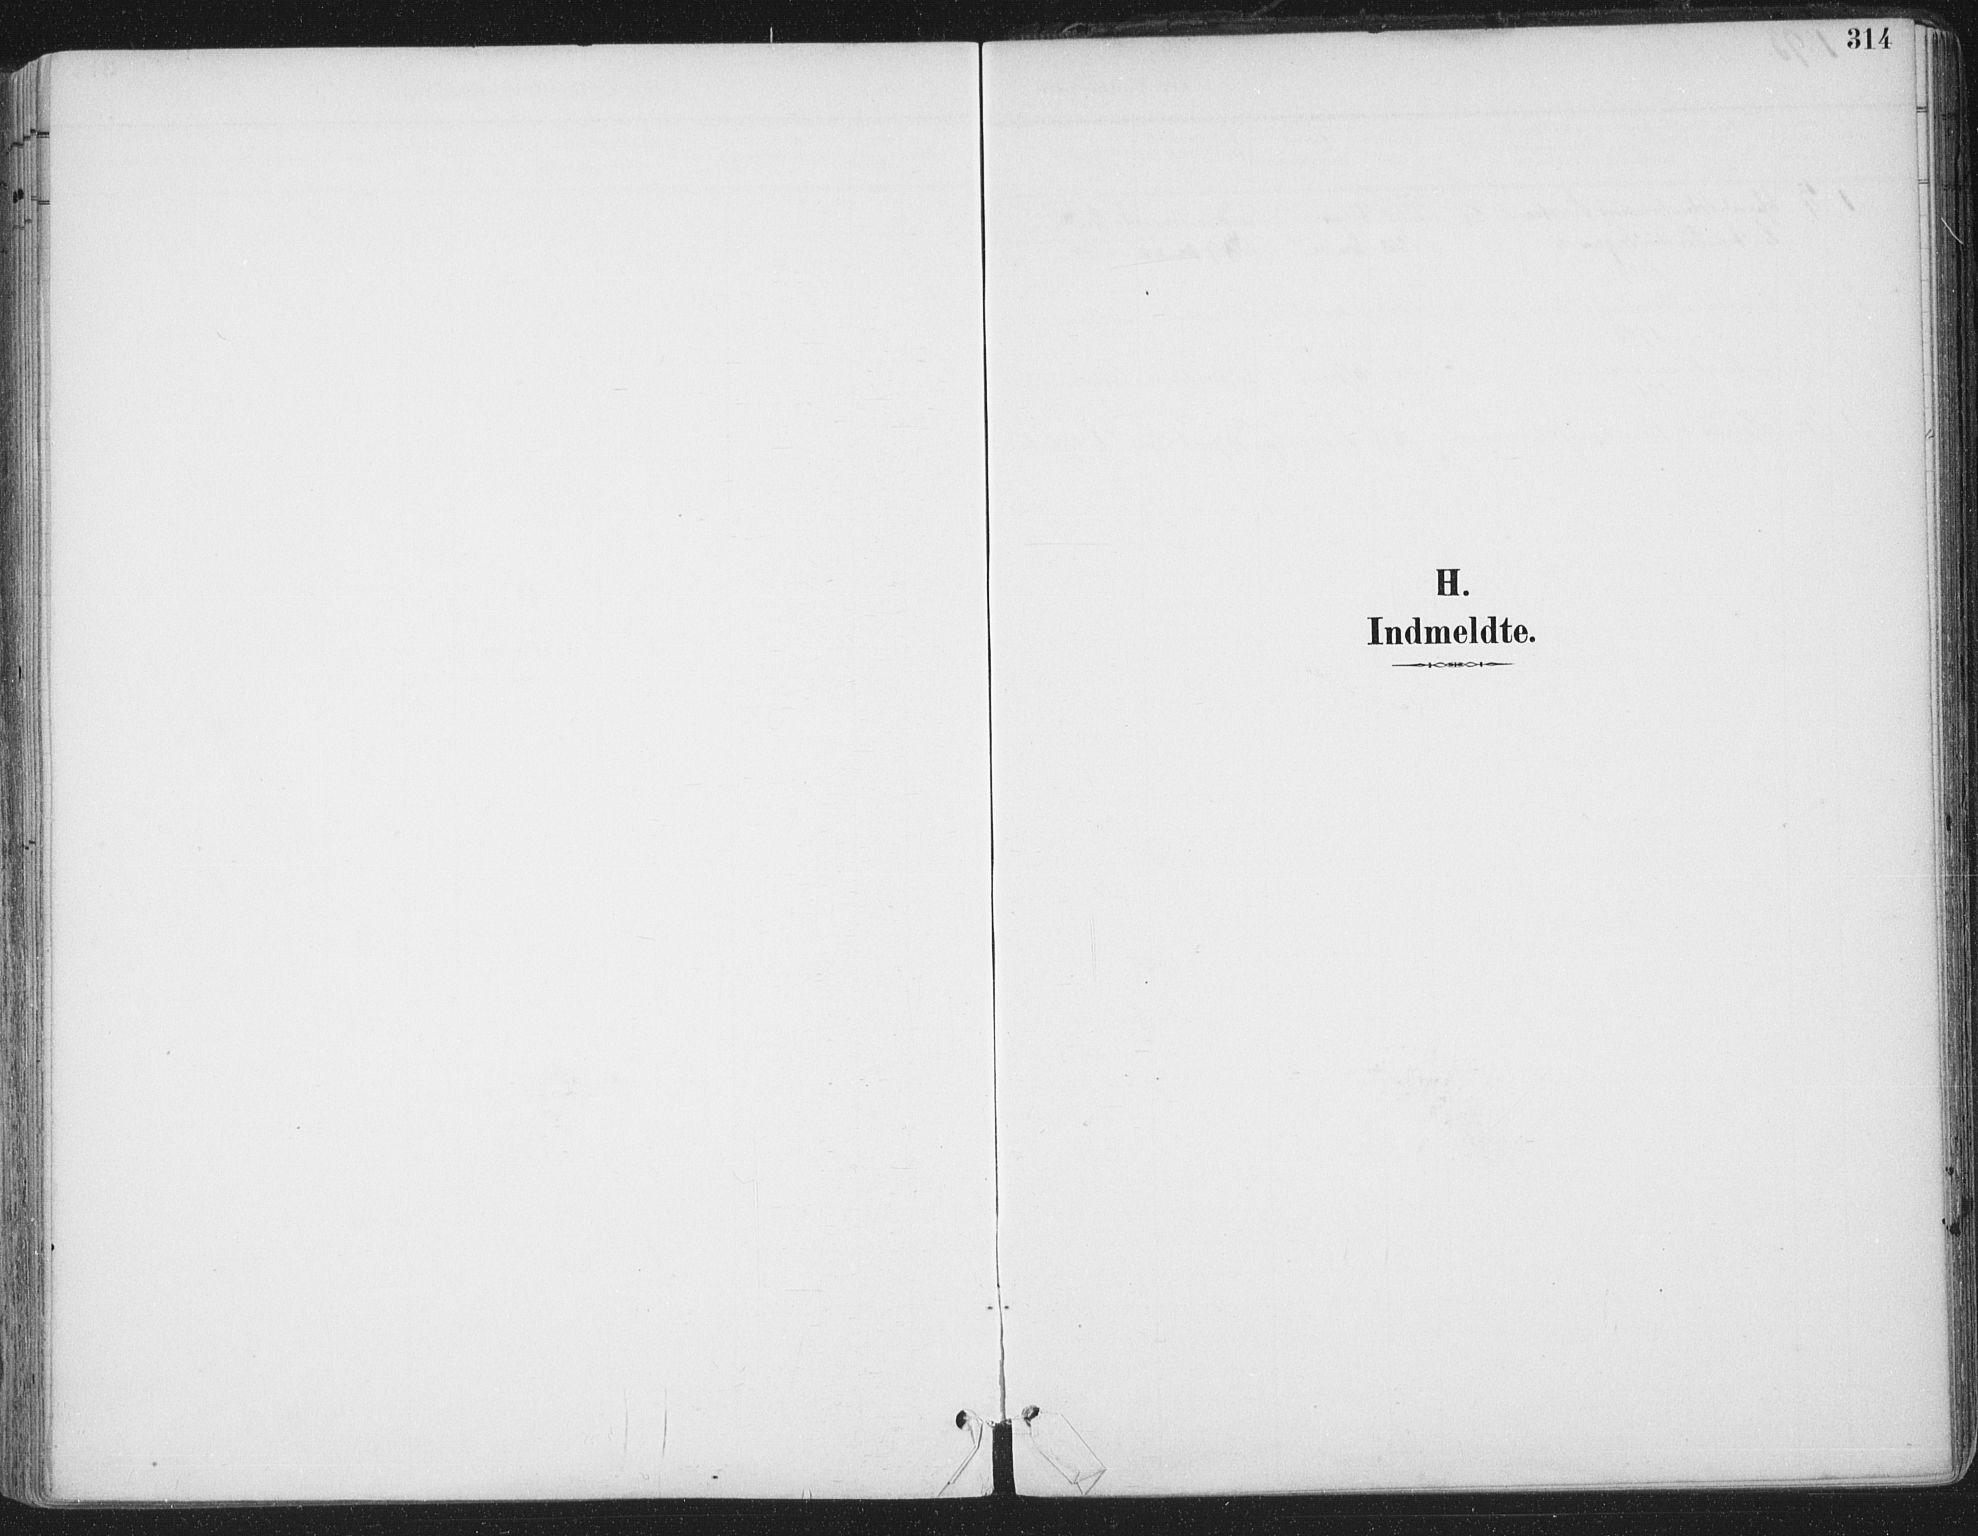 SAT, Ministerialprotokoller, klokkerbøker og fødselsregistre - Sør-Trøndelag, 659/L0743: Ministerialbok nr. 659A13, 1893-1910, s. 314